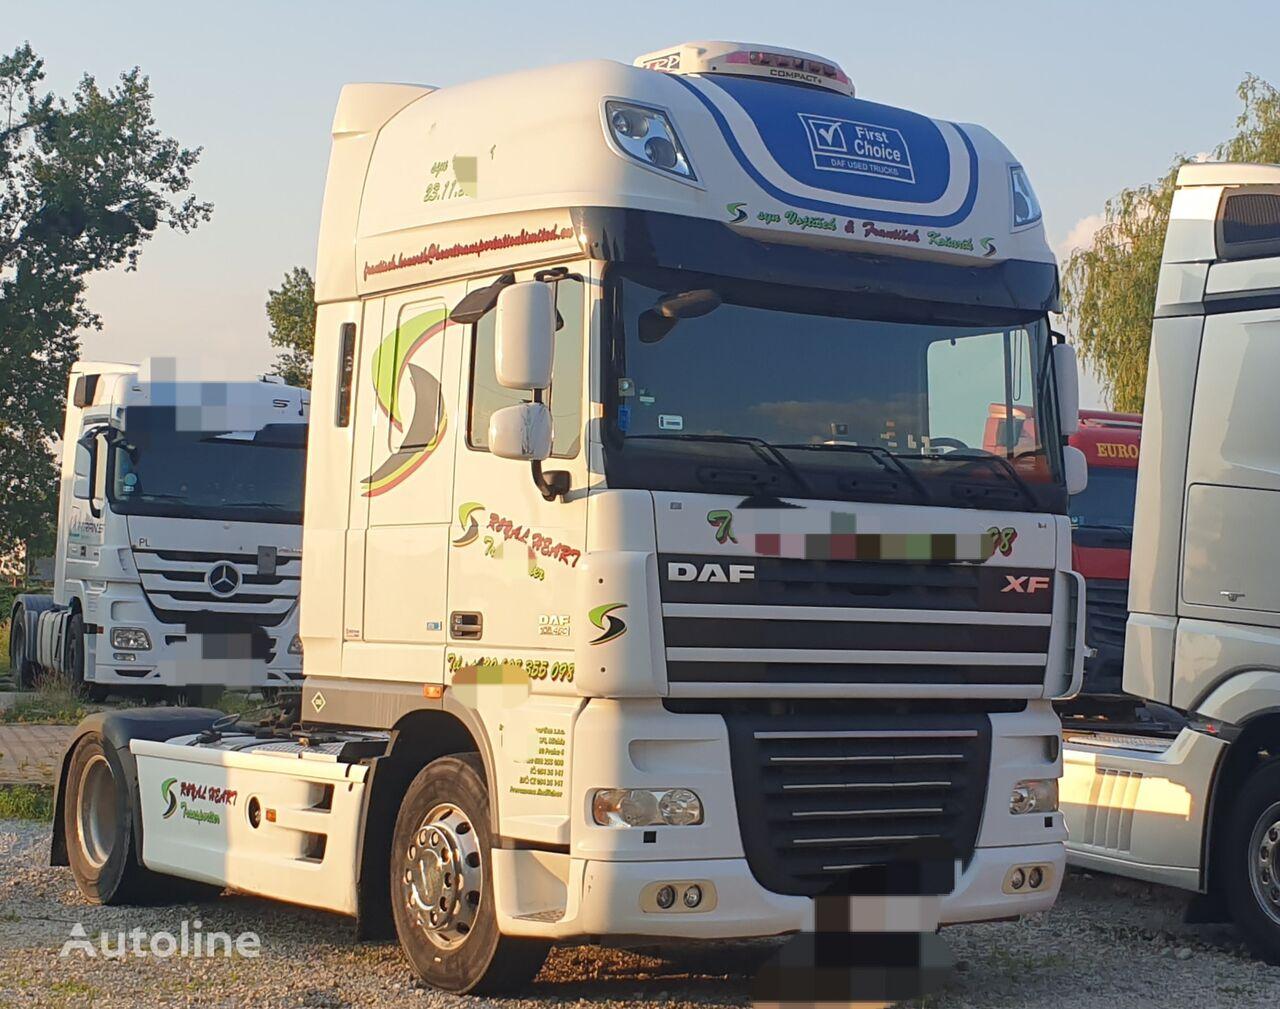 DAF XF 105 460 tractor unit